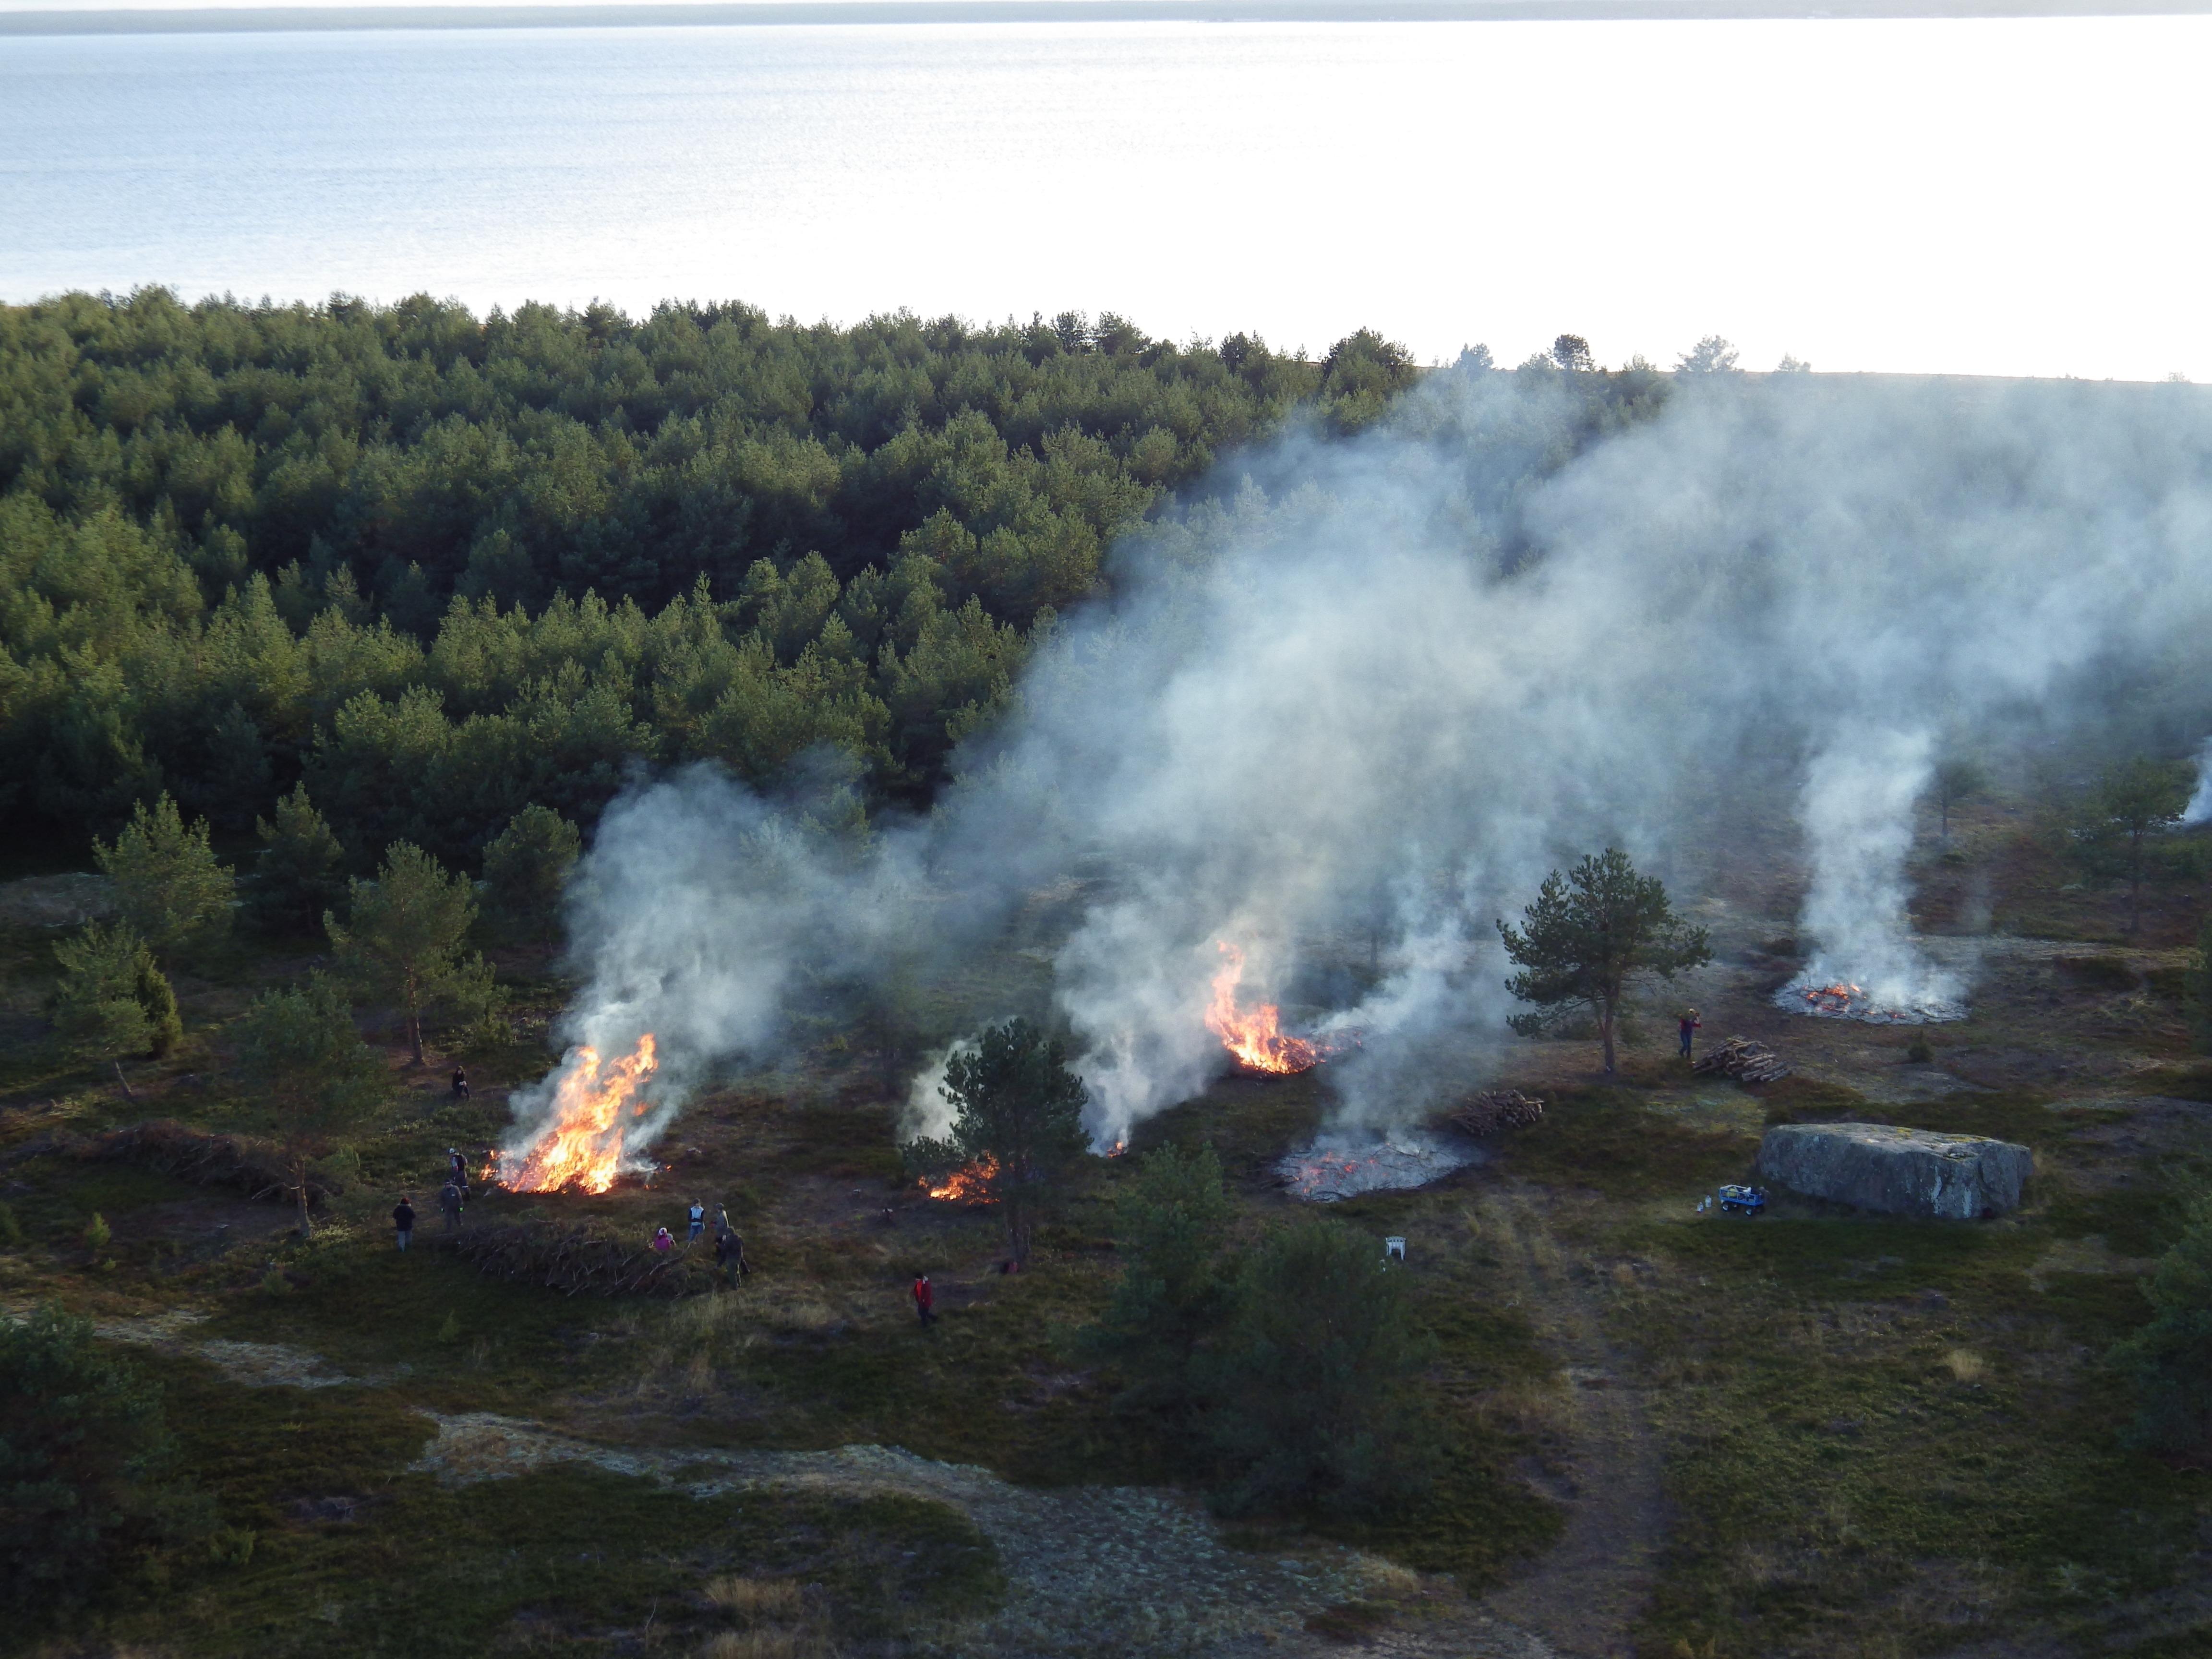 Sügisene oksahunnikute põletamine rändrahnu kõrval oleval talguplatsil 2014. aastal. Sellist ülevaatliku pilti kõrgusest enam teha ei saa, sest … (Foto: Eero Väin).